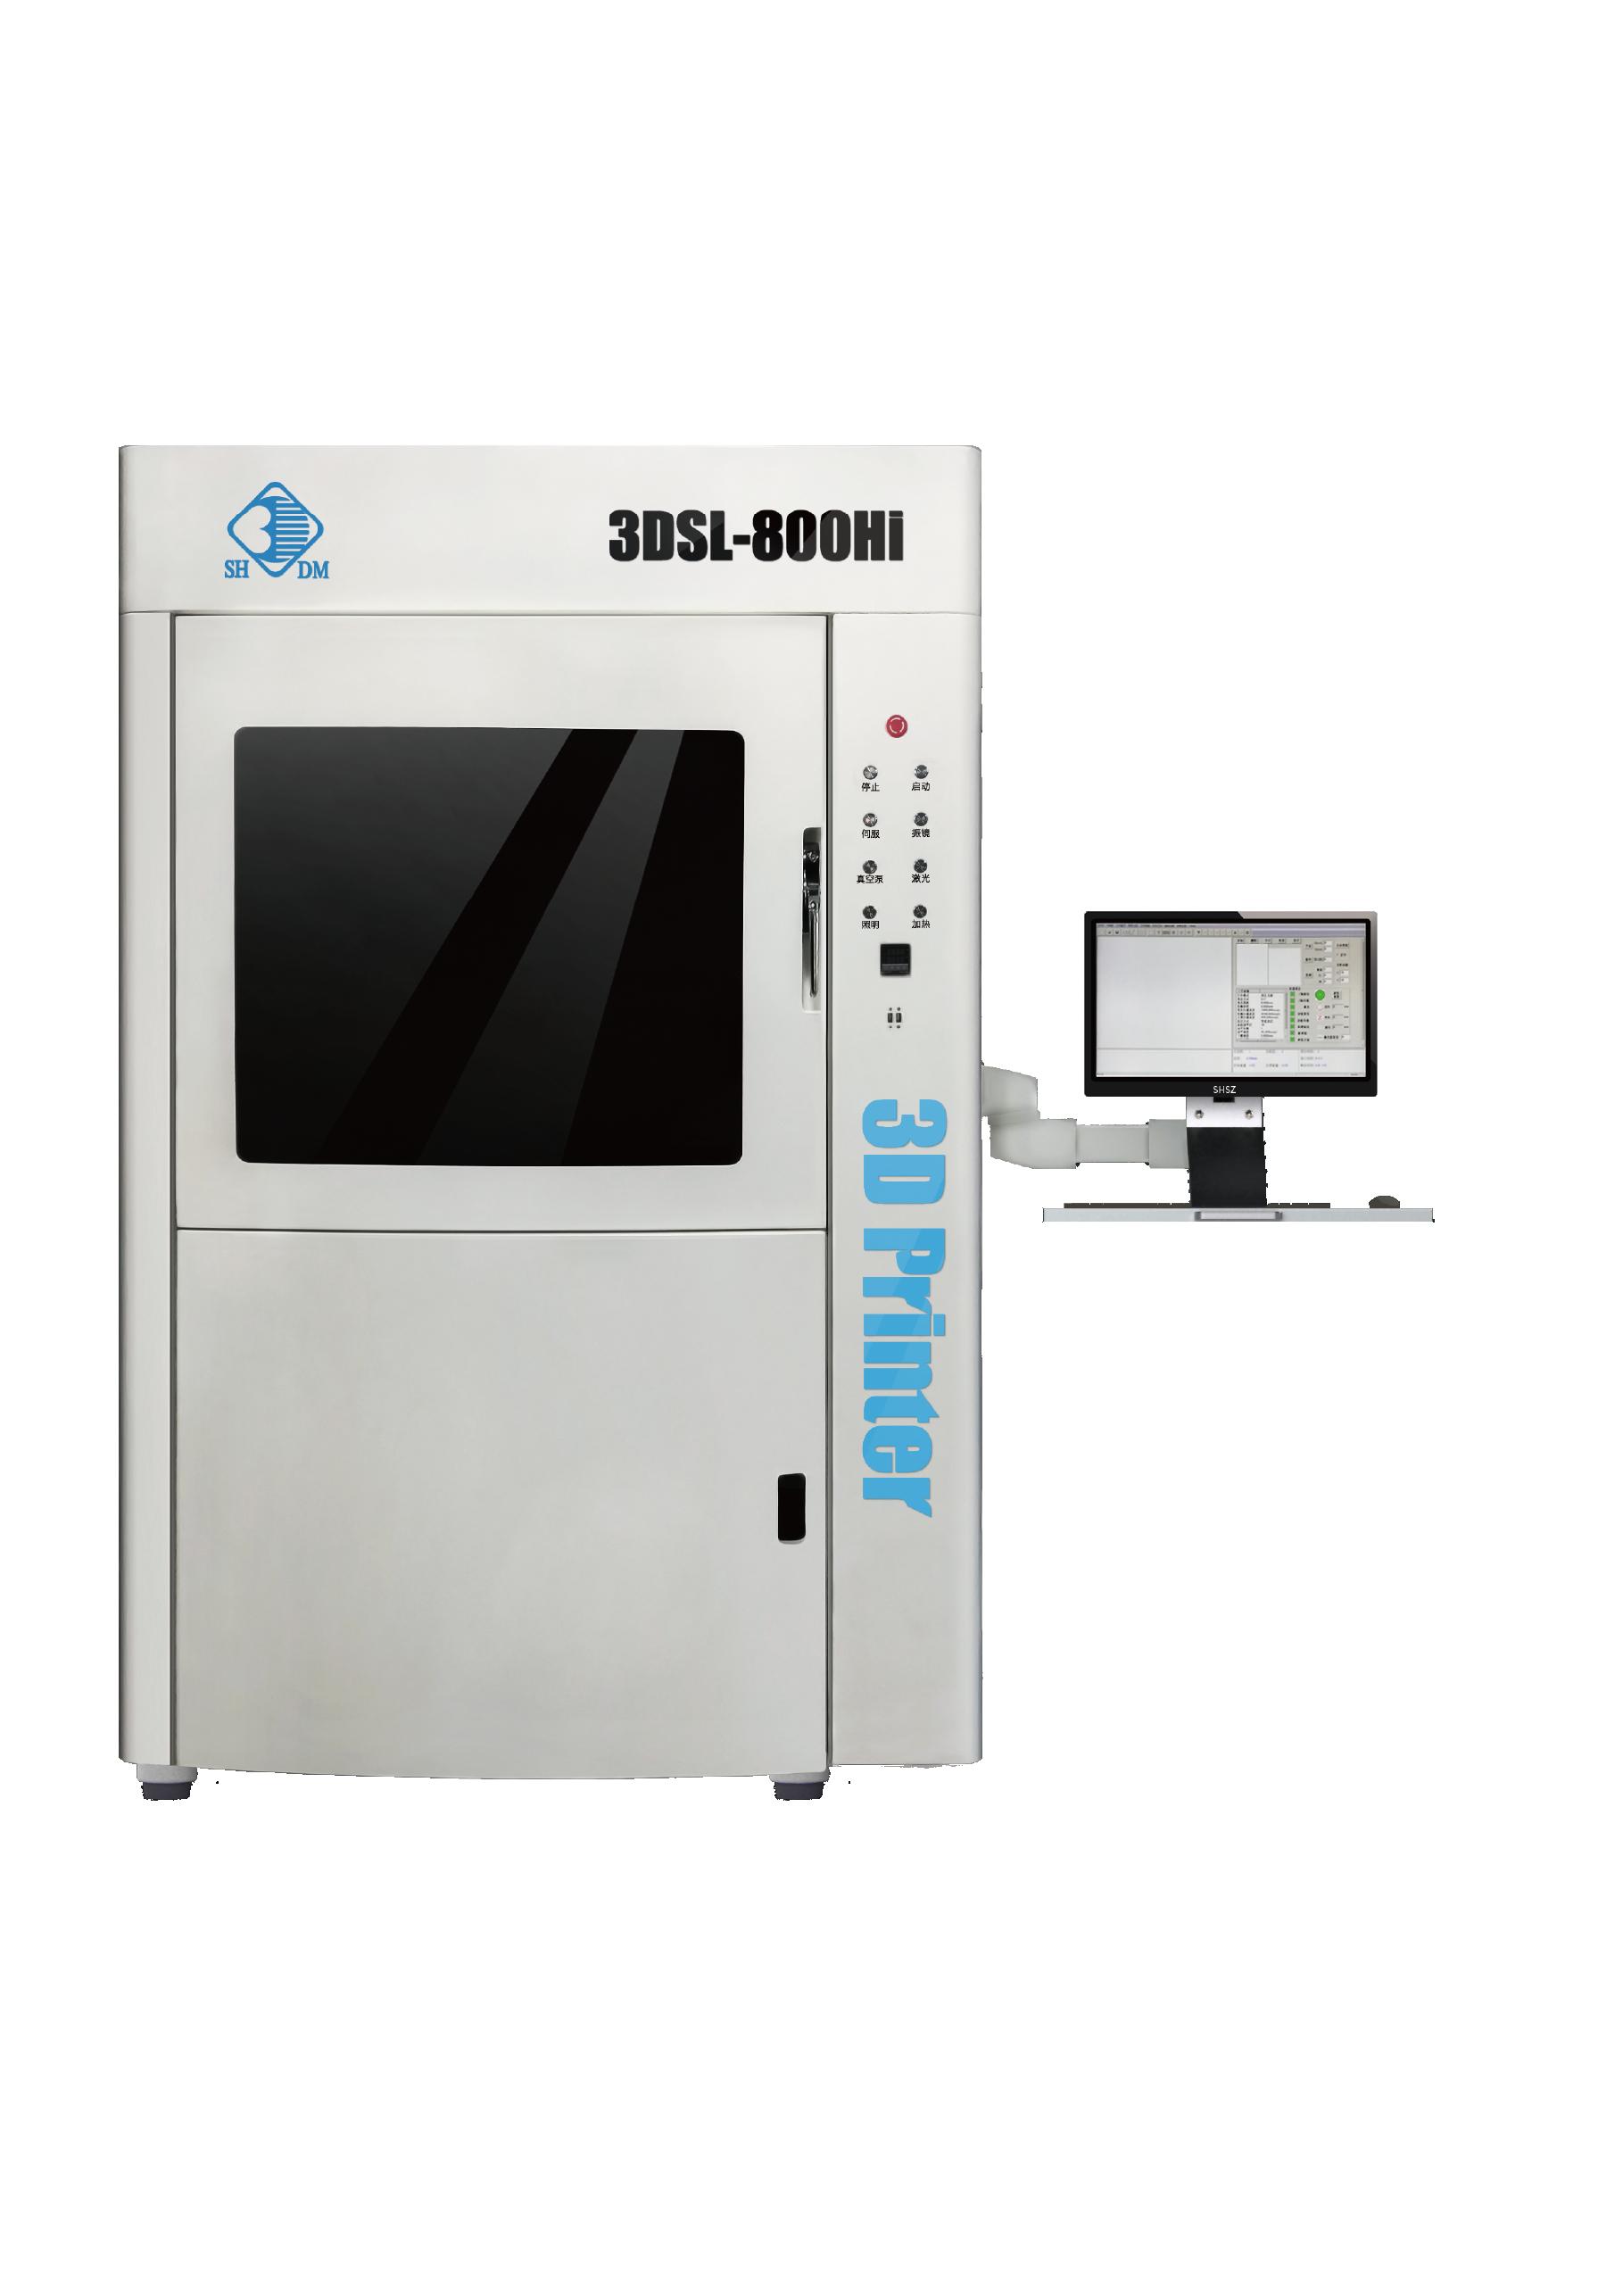 Large industrial 3D printer-3DSL-800Hi